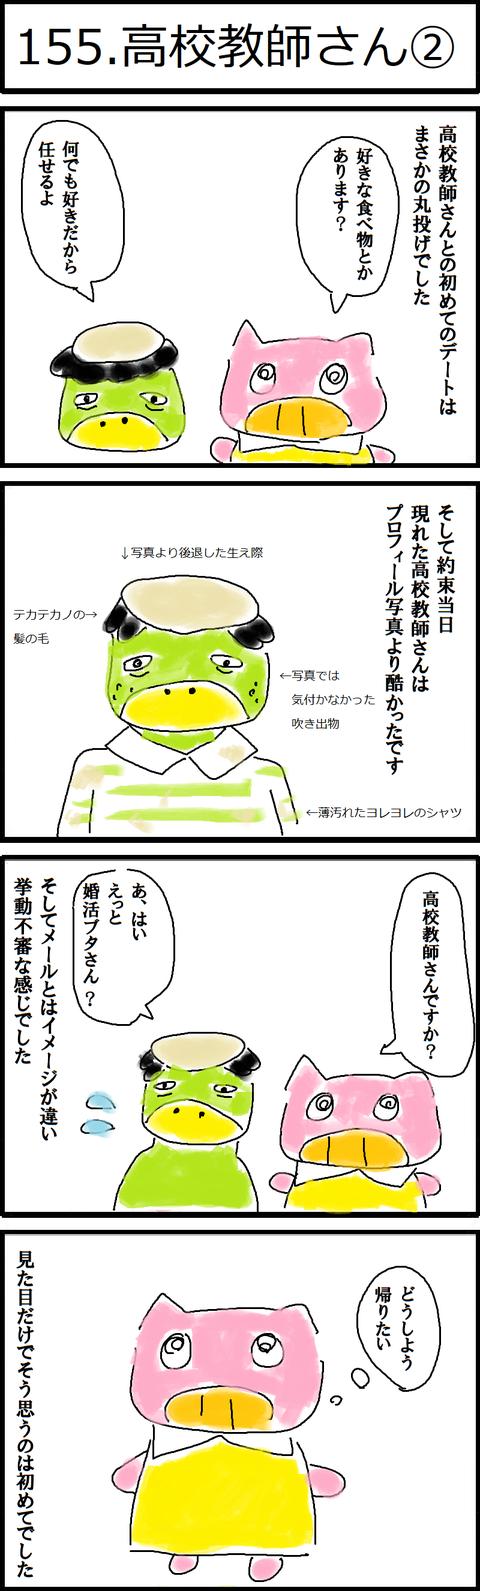 155.高校教師さん②